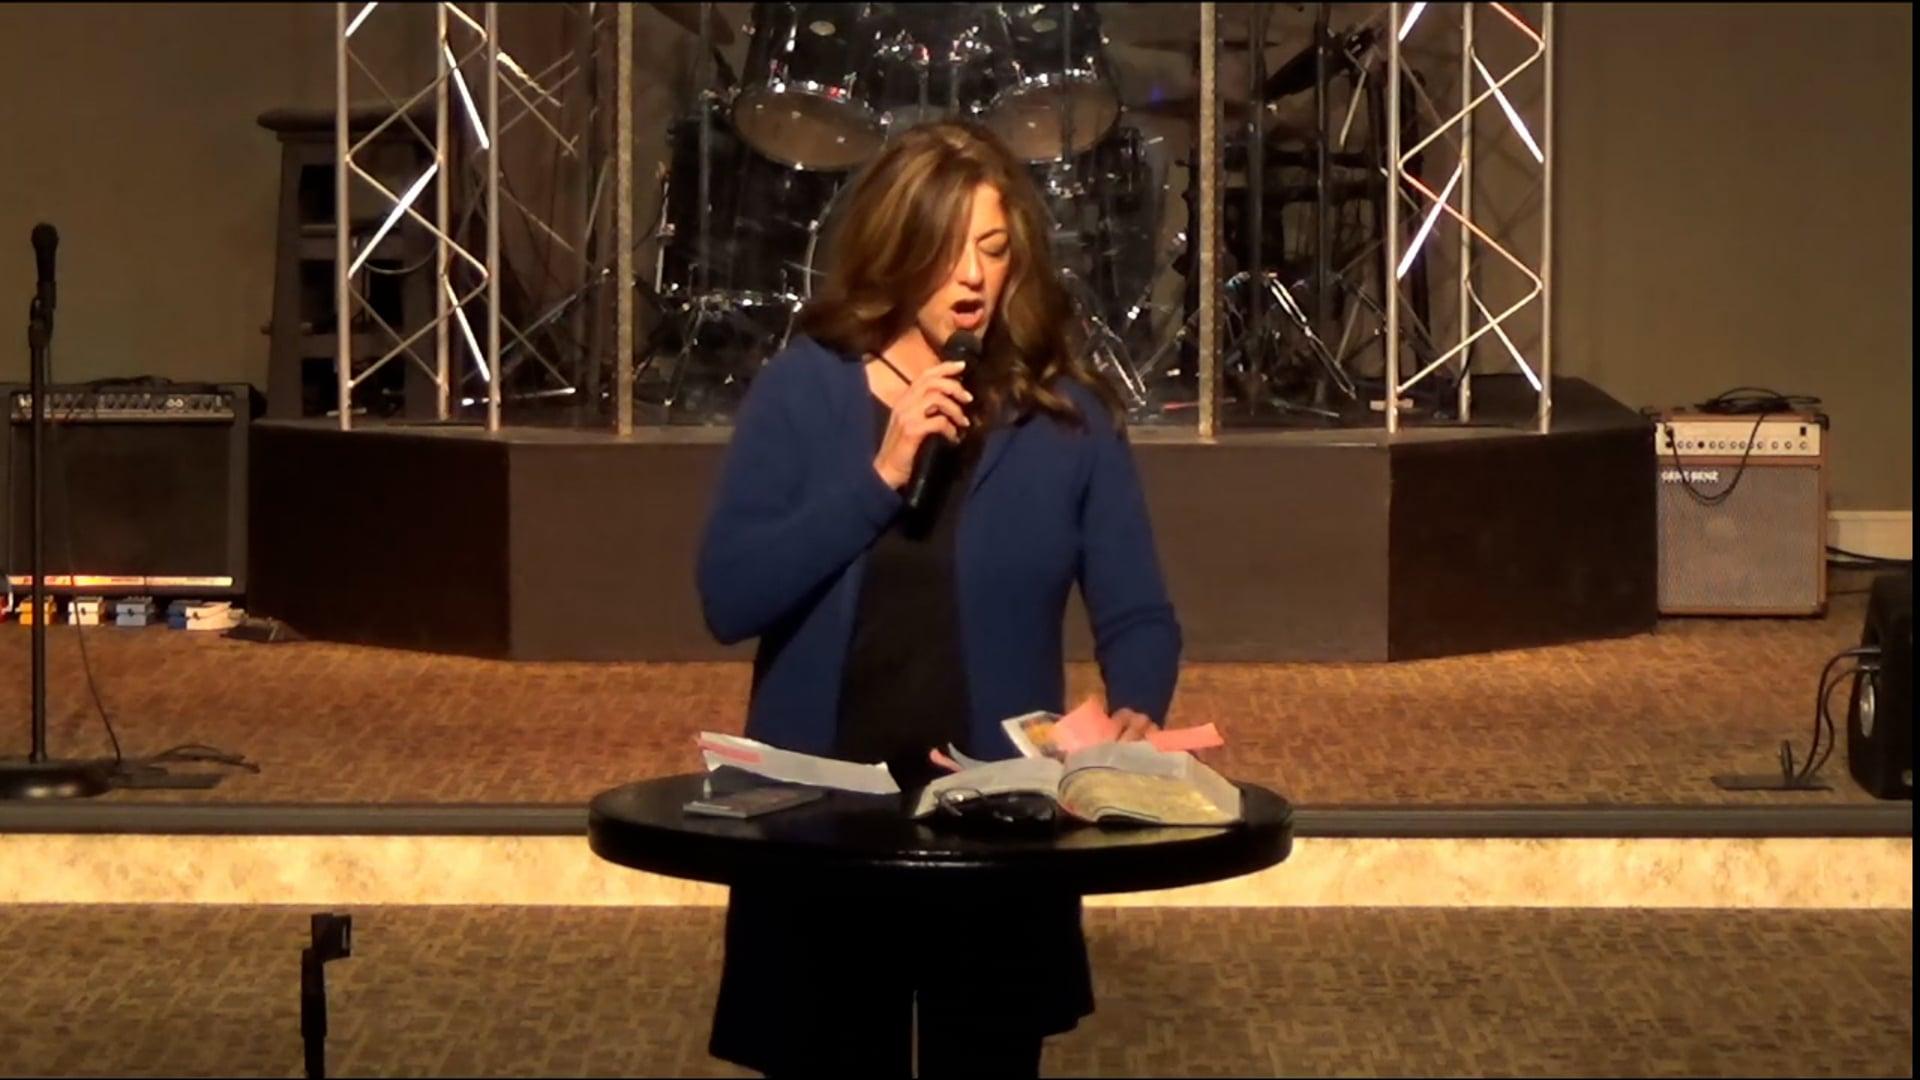 Choices PT 10 10-13-2021 Pastor Dauna Overbaugh